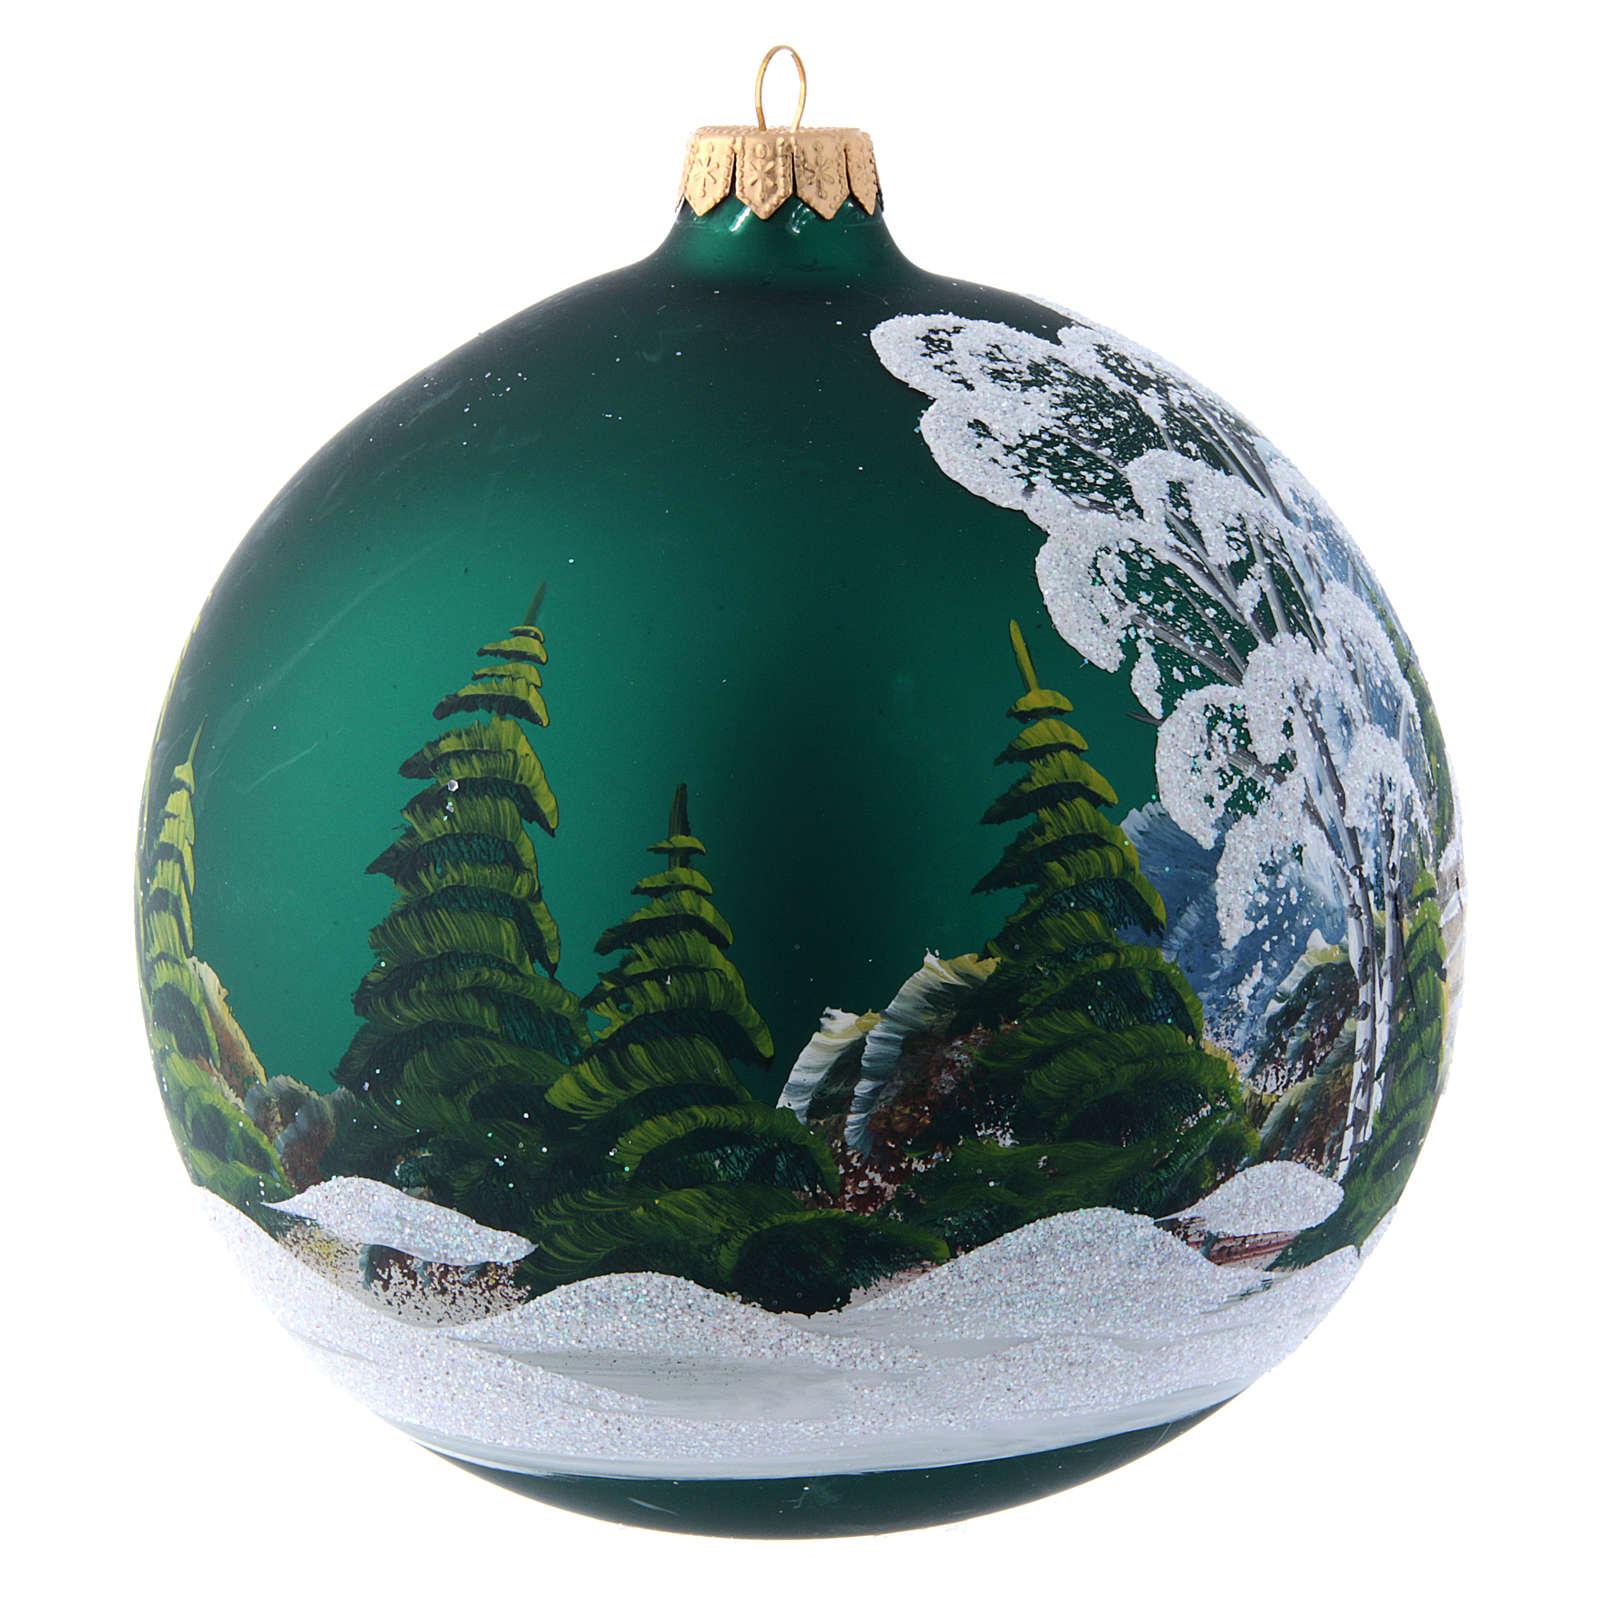 Bola Árbol de Navidad 150 mm verde decoración pintada y decoupage 4